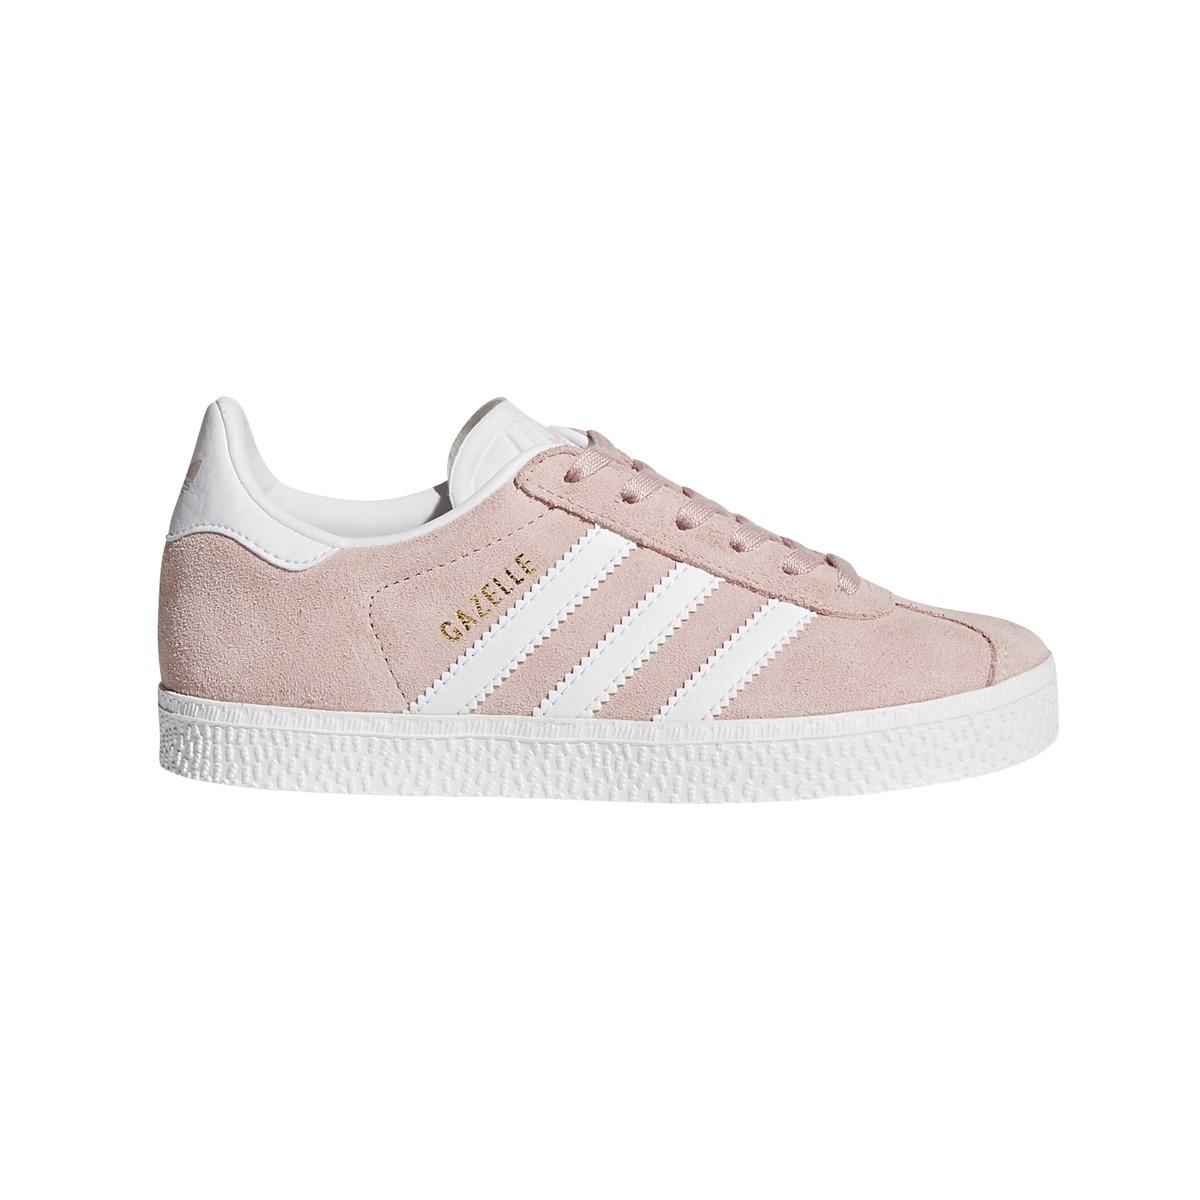 Adidas Rvbl C Originals Niña Gazelle Zapatillas Moda 9bWYE2eHDI